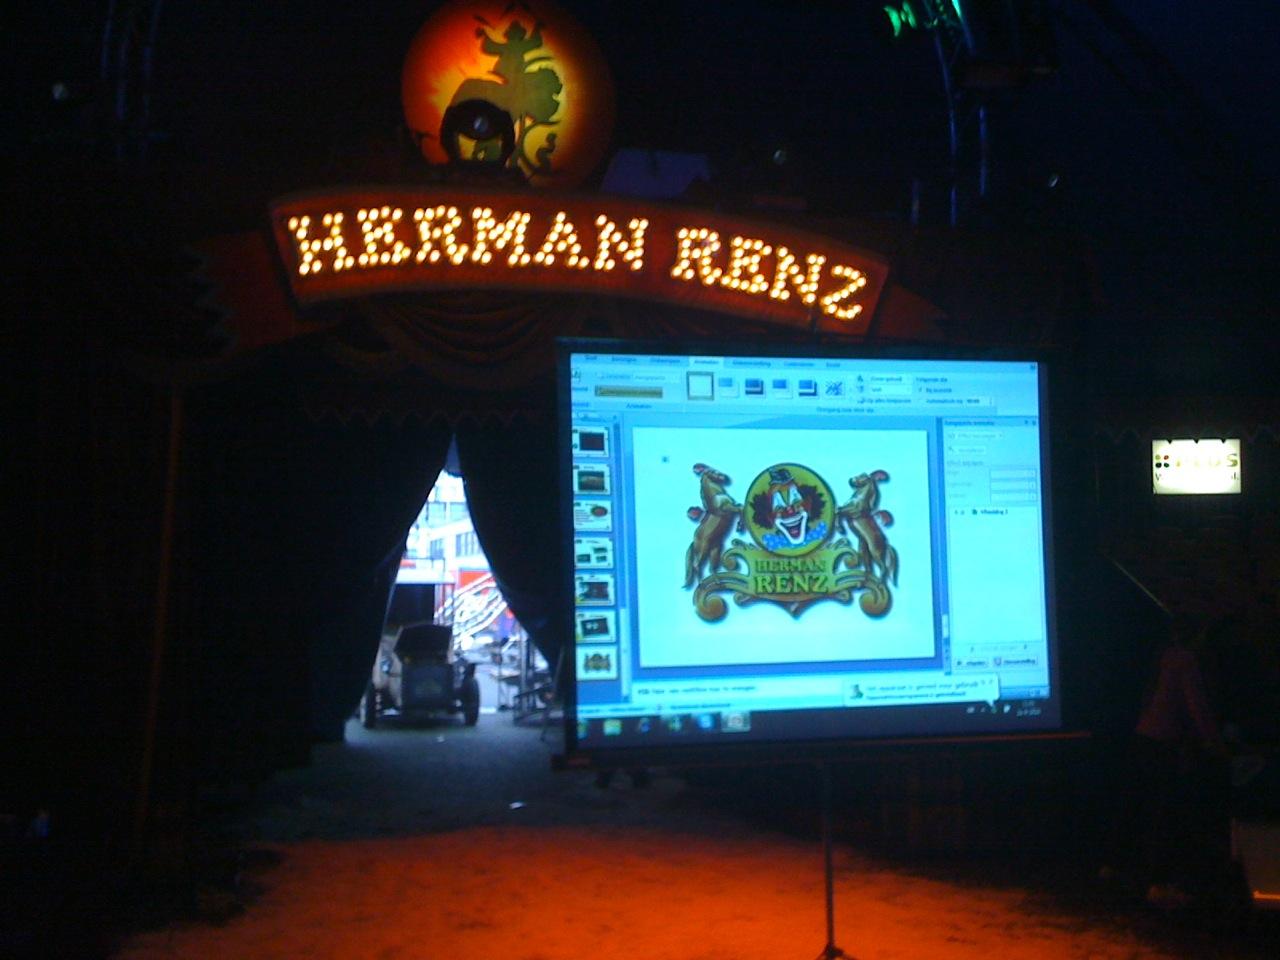 Presentatie circus Renz - Beamerhuren